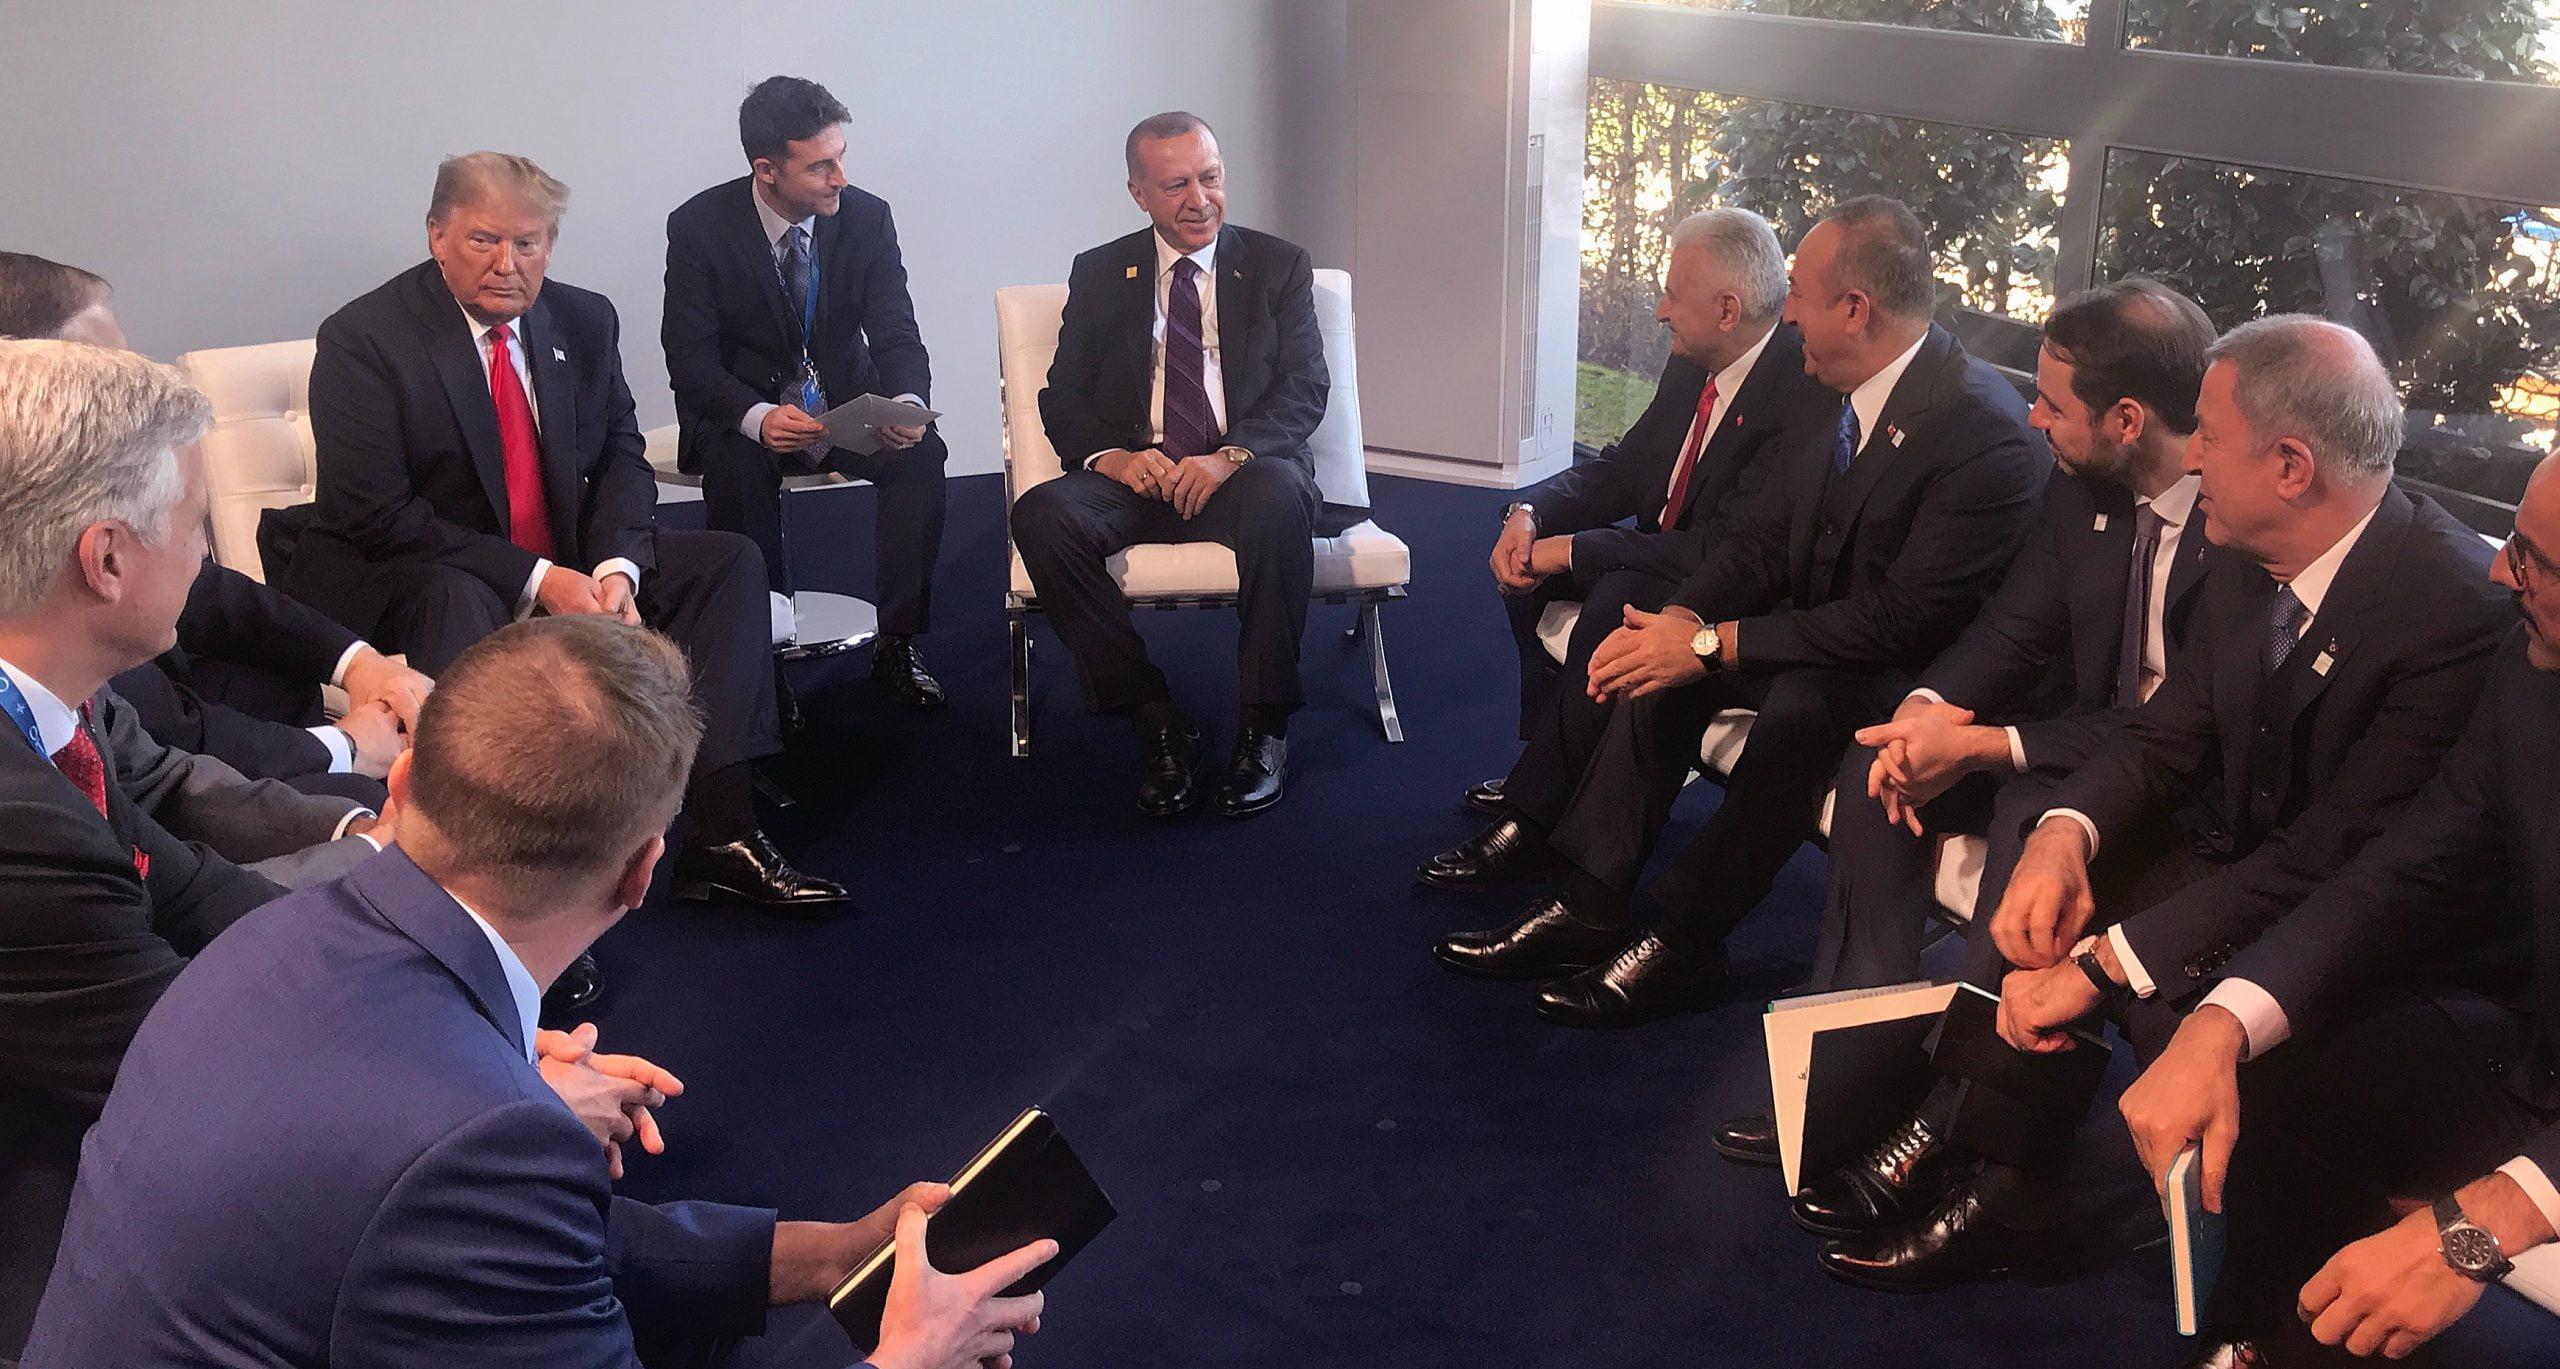 Συνάντηση Τραμπ – Ερντογάν στο περιθώριο της Συνόδου του ΝΑΤΟ – Δεν έγιναν δηλώσεις